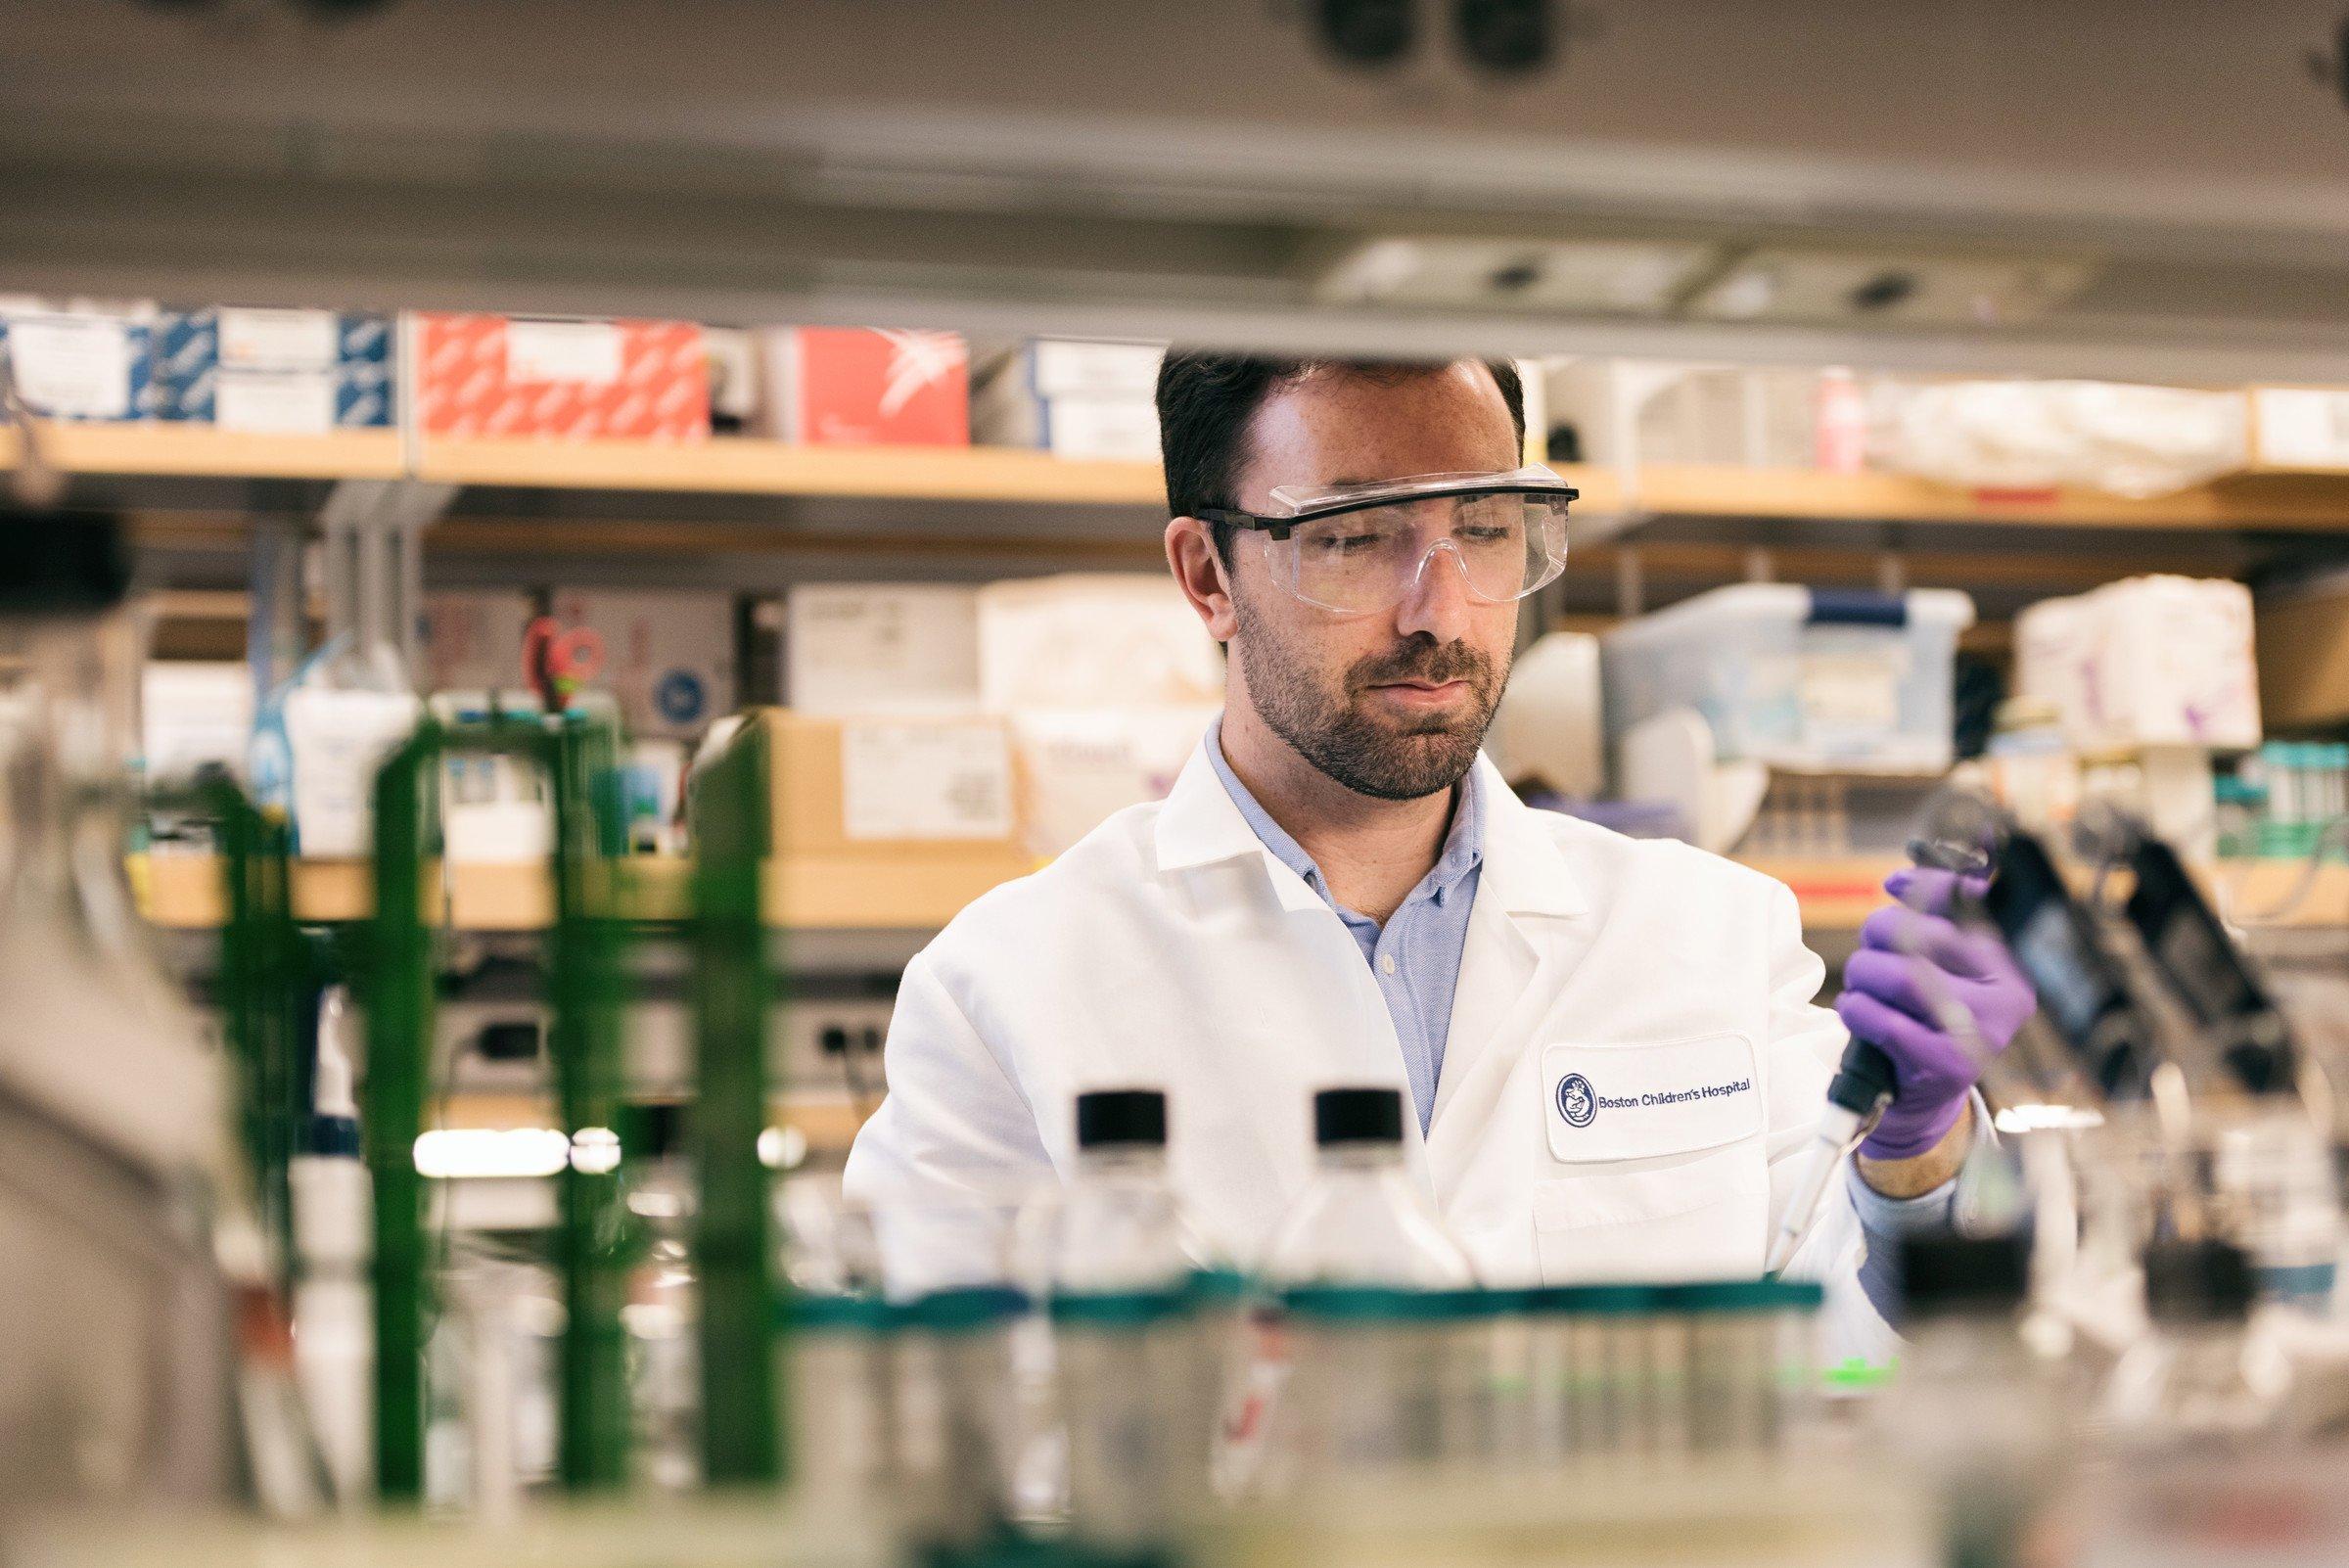 Klassifizierung Gehirn mikroglia: Welche sind gut und welche sind schlecht?